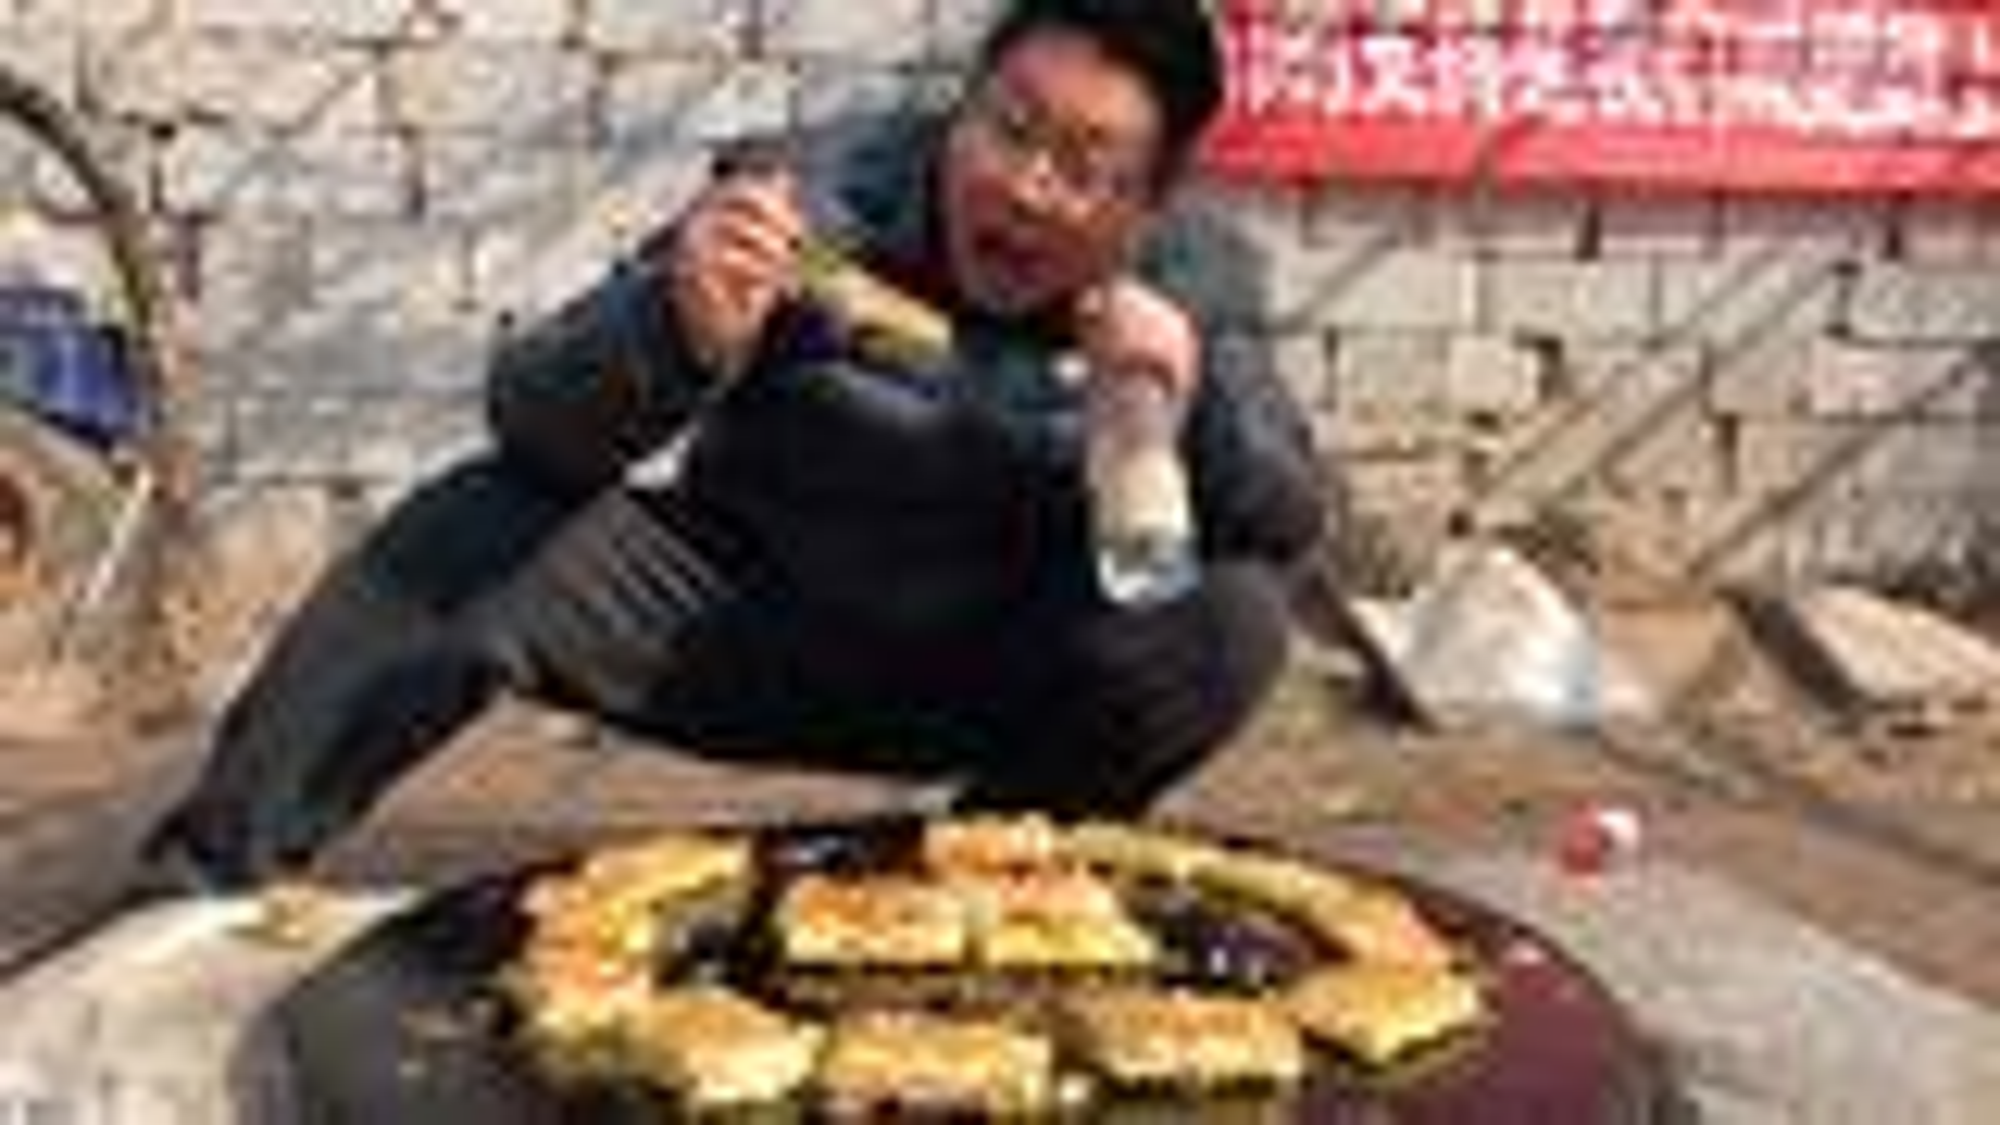 吃了近30年豆腐,第一次这么做,比肉菜还香,外酥里嫩,抢着吃!